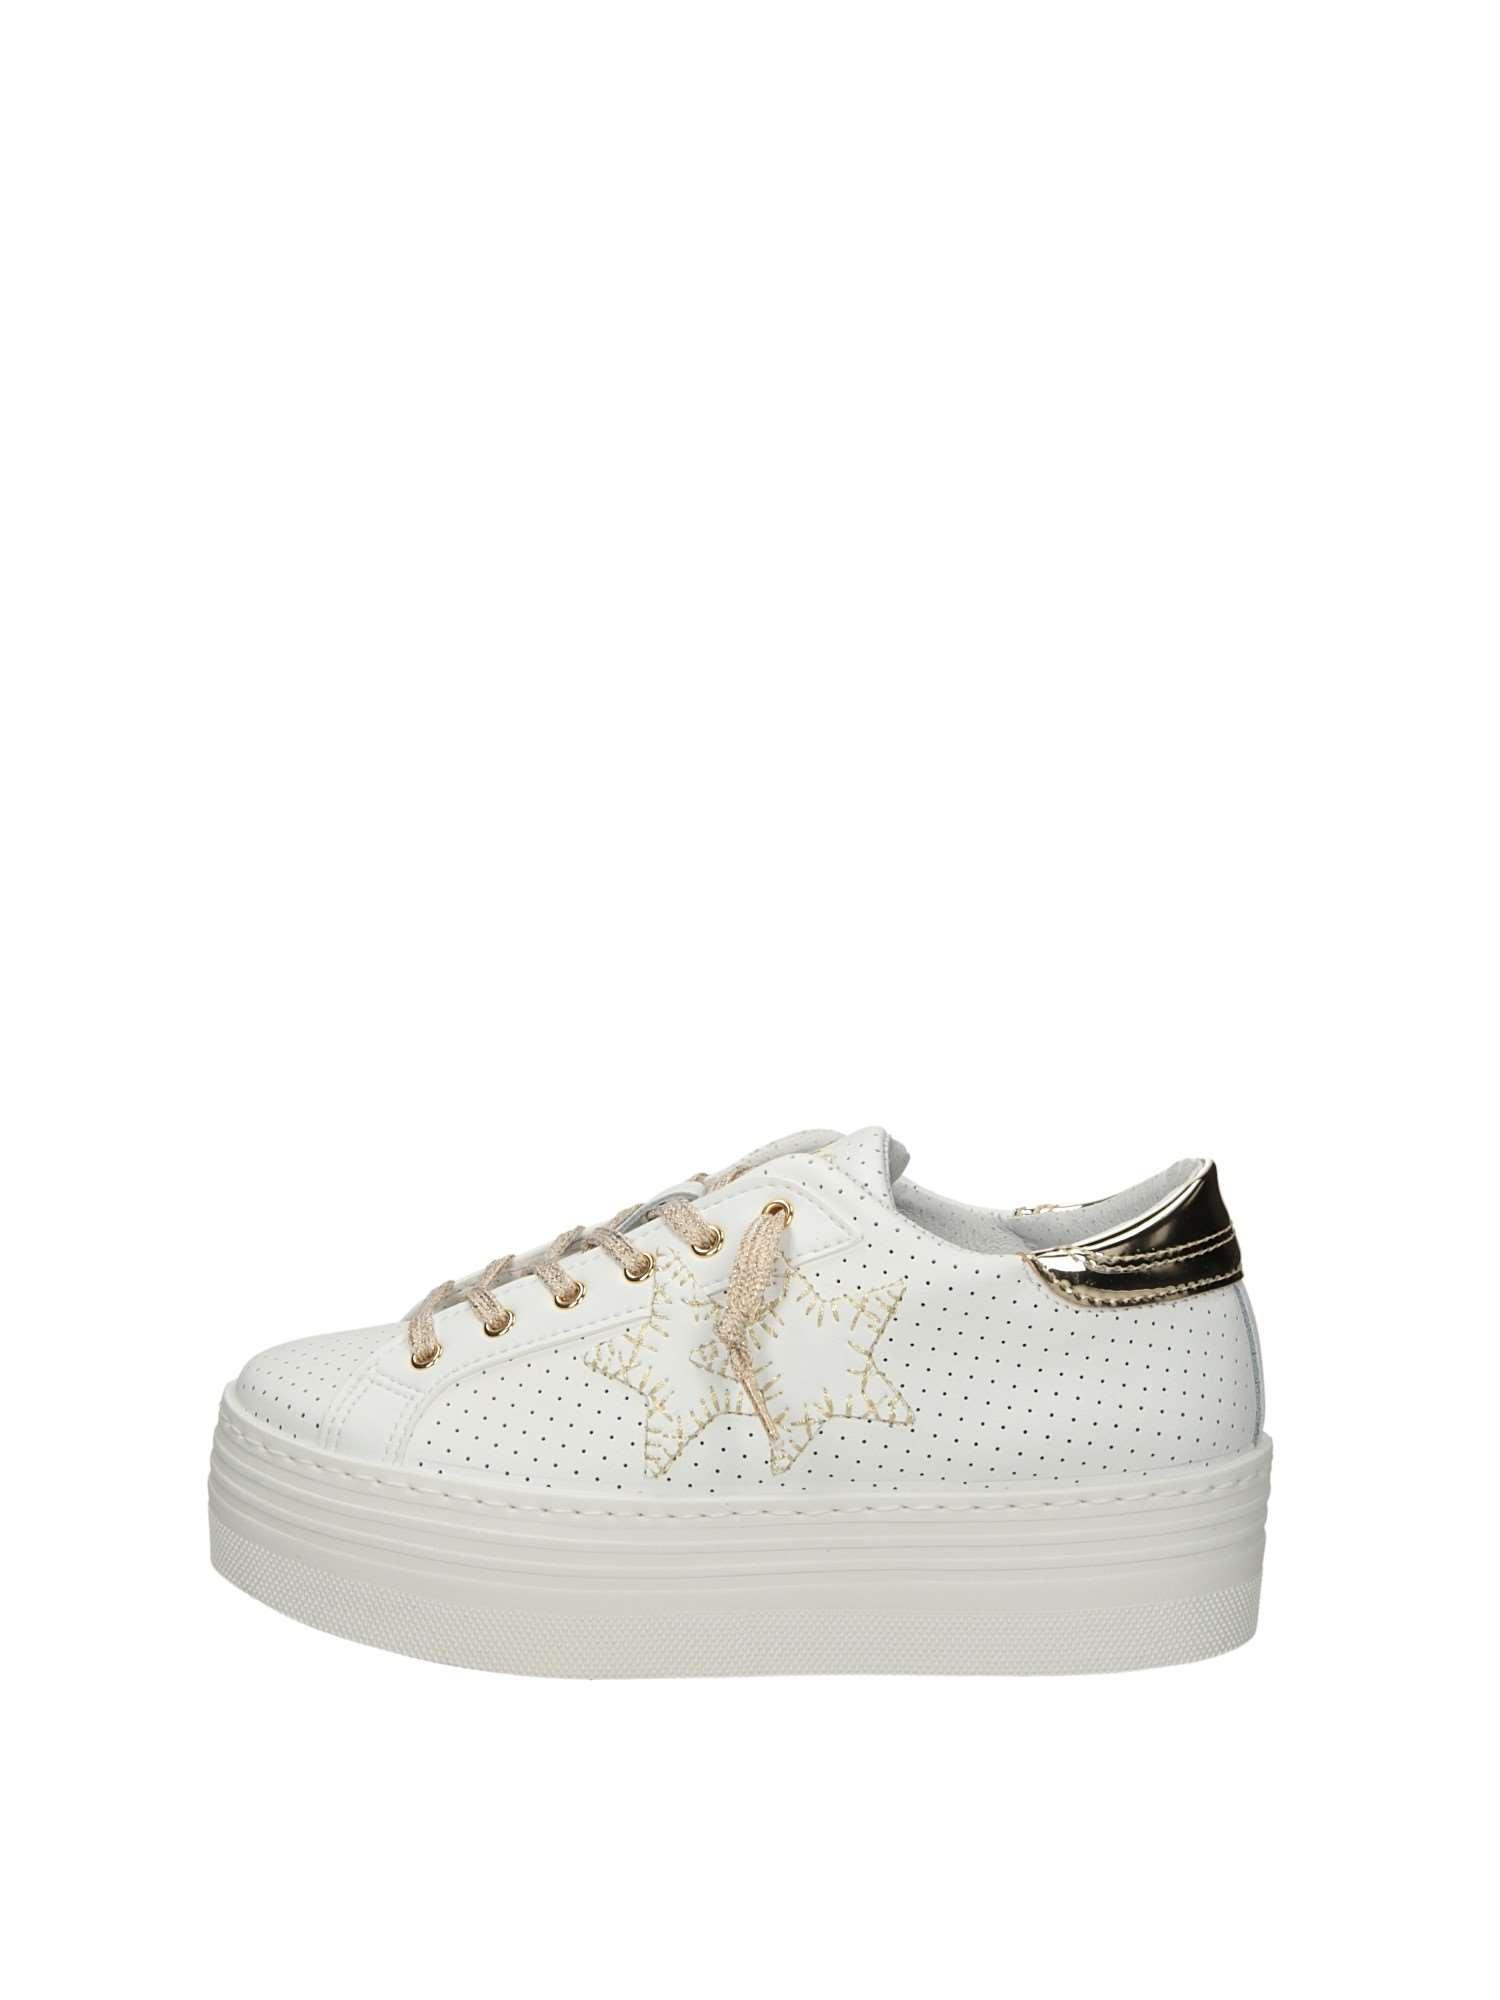 2star 1451 Bianco Oro Scarpe Donna Sneakers de7d3cf5400